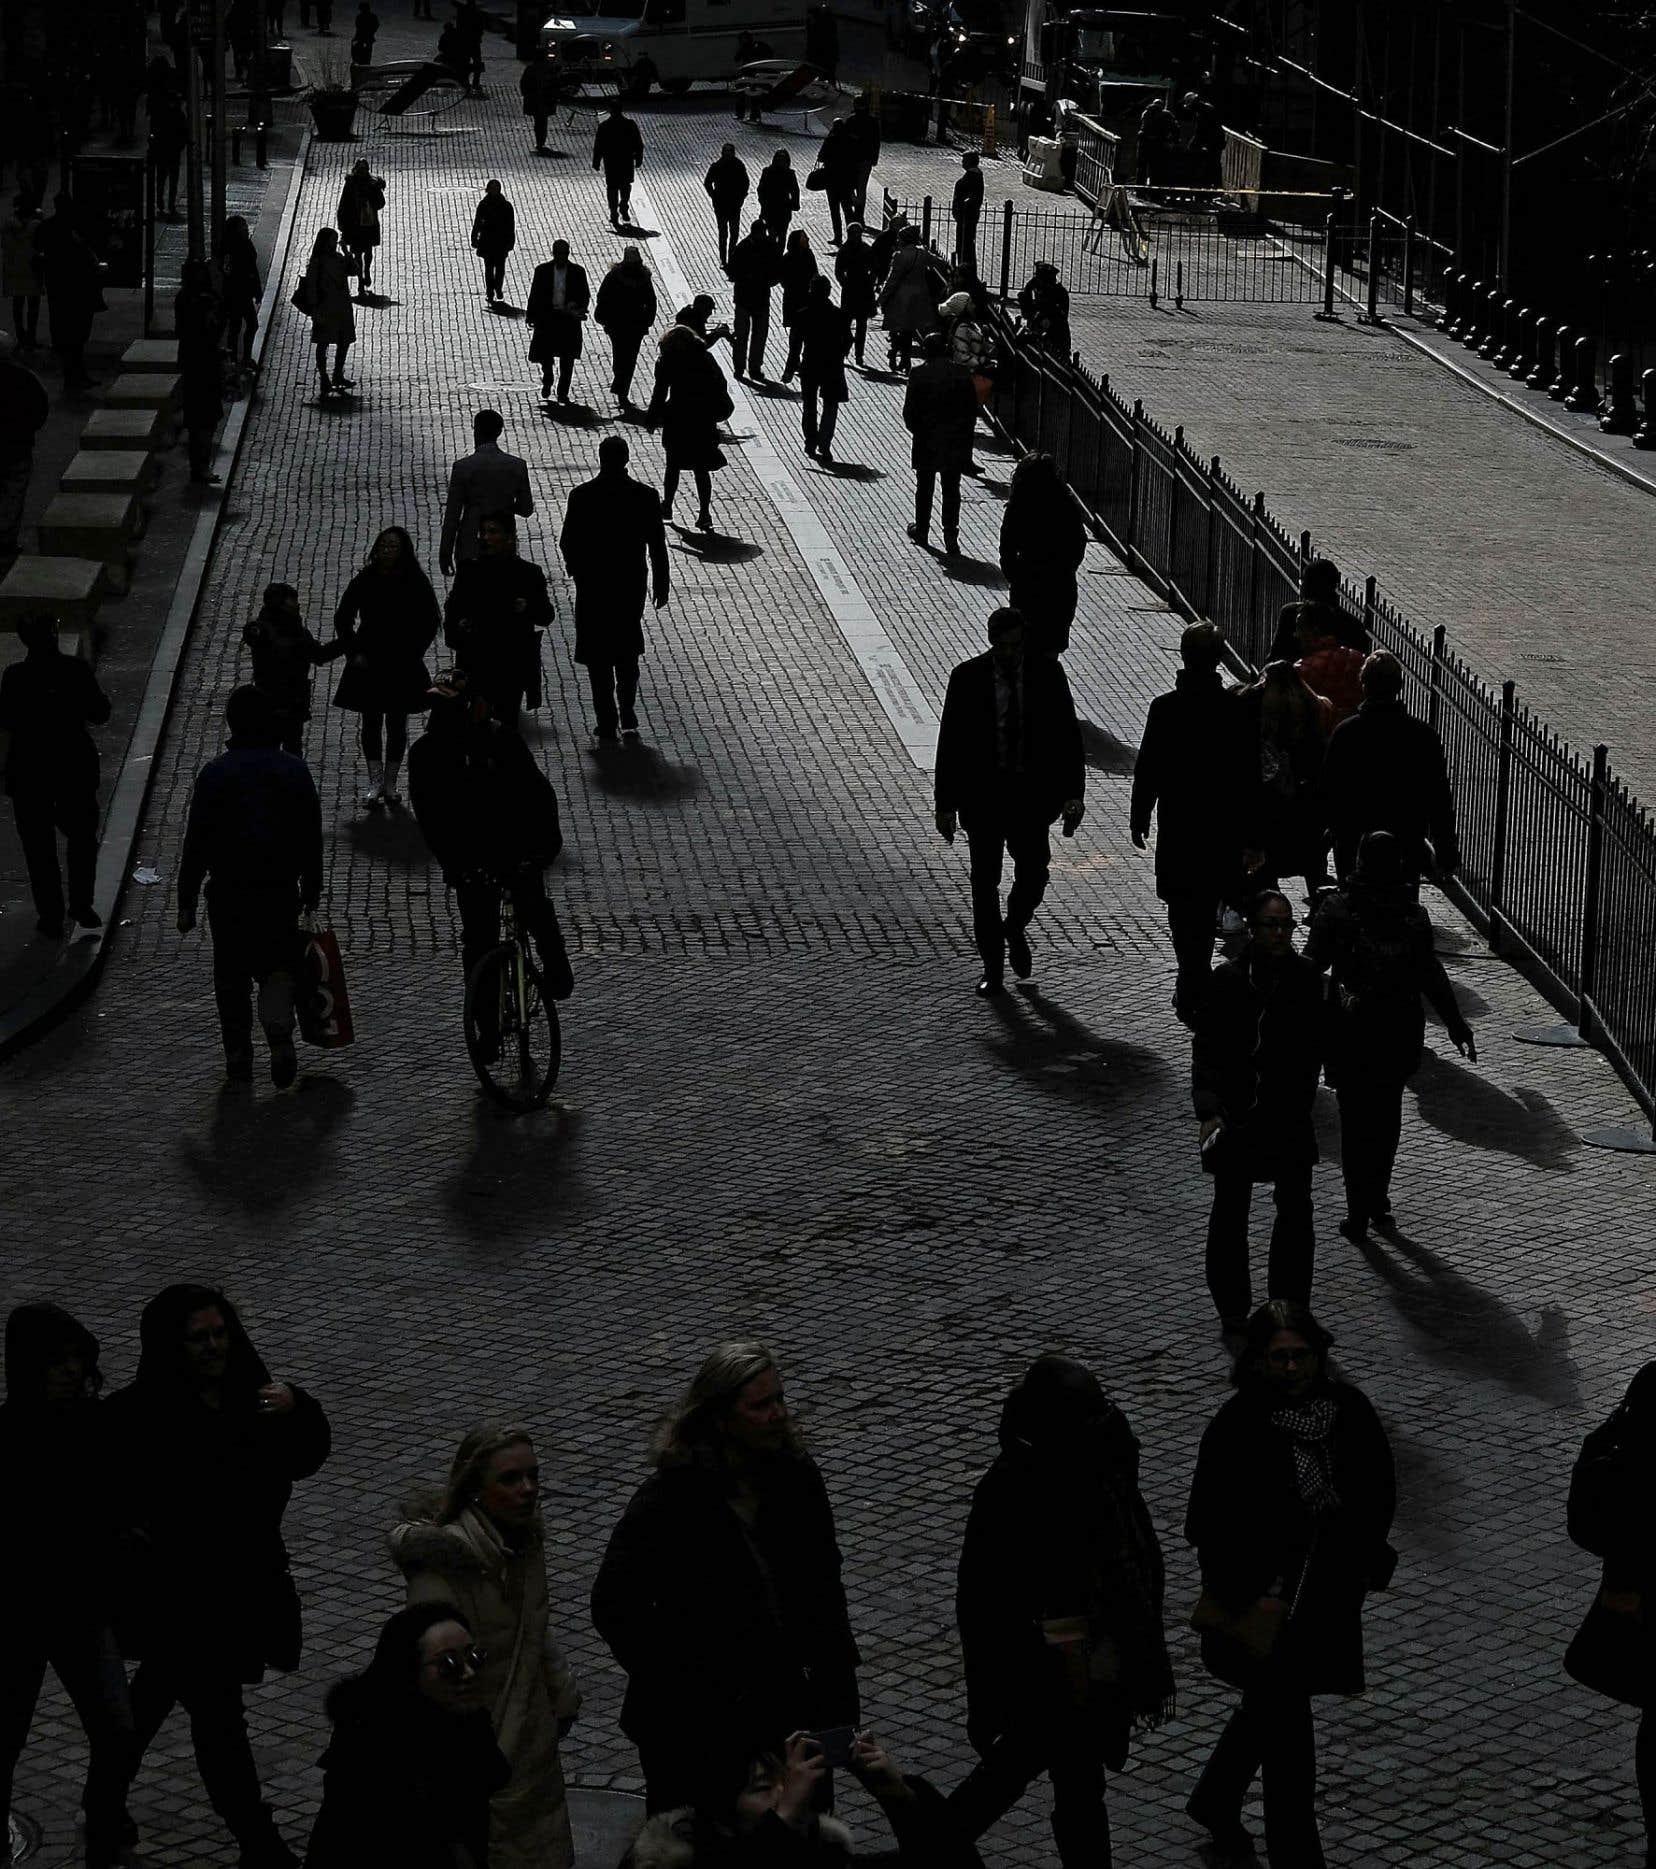 À New York, des gens marchent dans la rue. Une enquête montre comment les Américains définissent leur identité, mais aussi comment le font les Canadiens et les Européens.